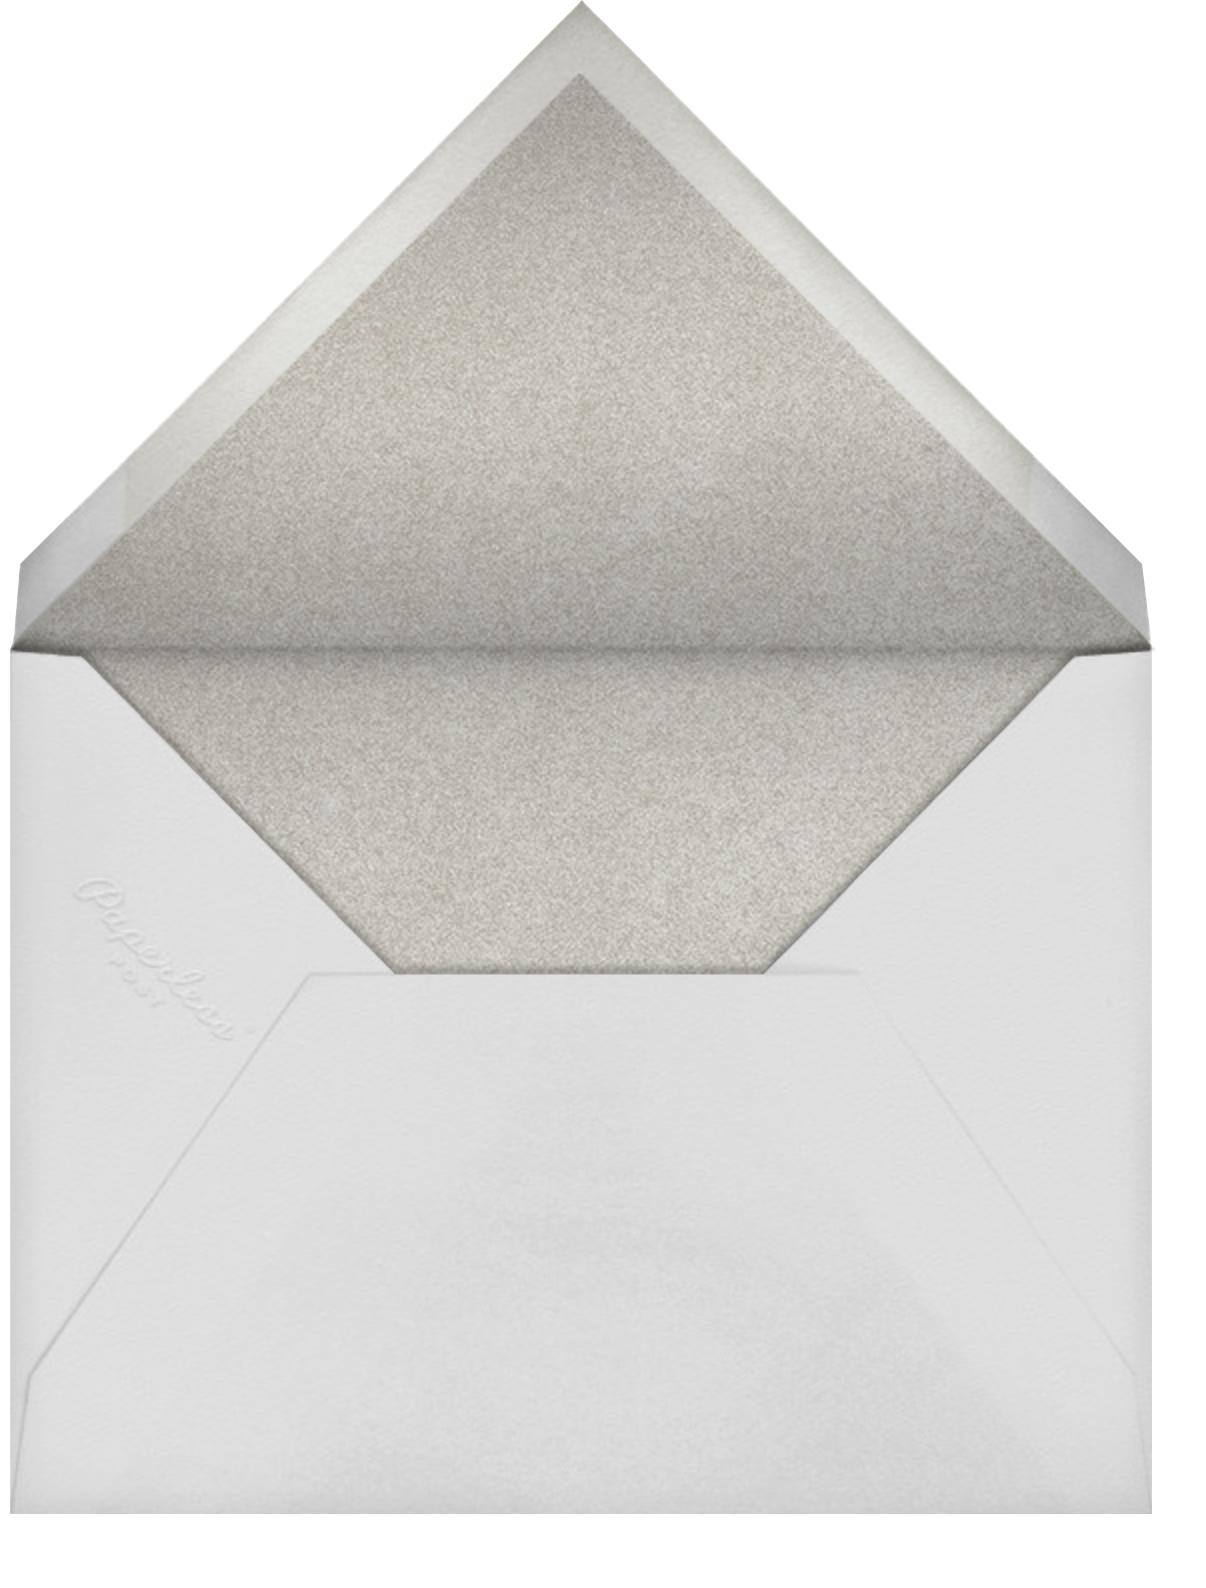 Forsythia - Platinum - Crane & Co. - Envelope